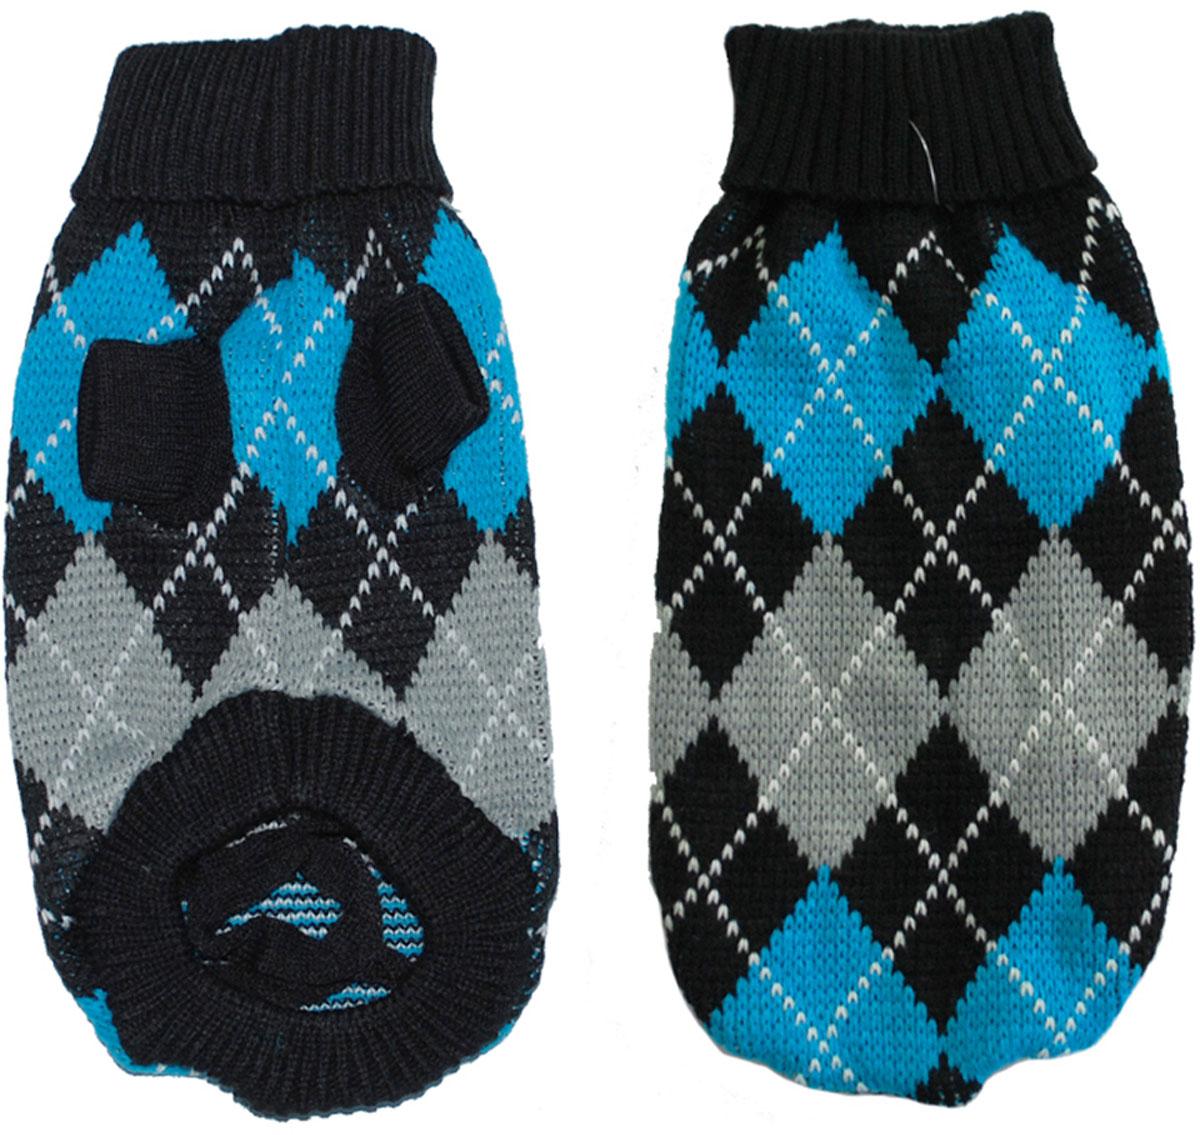 """Свитер для собак """"Уют"""", унисекс, цвет: черный, синий, серый. НМ24ХС. Размер XS"""